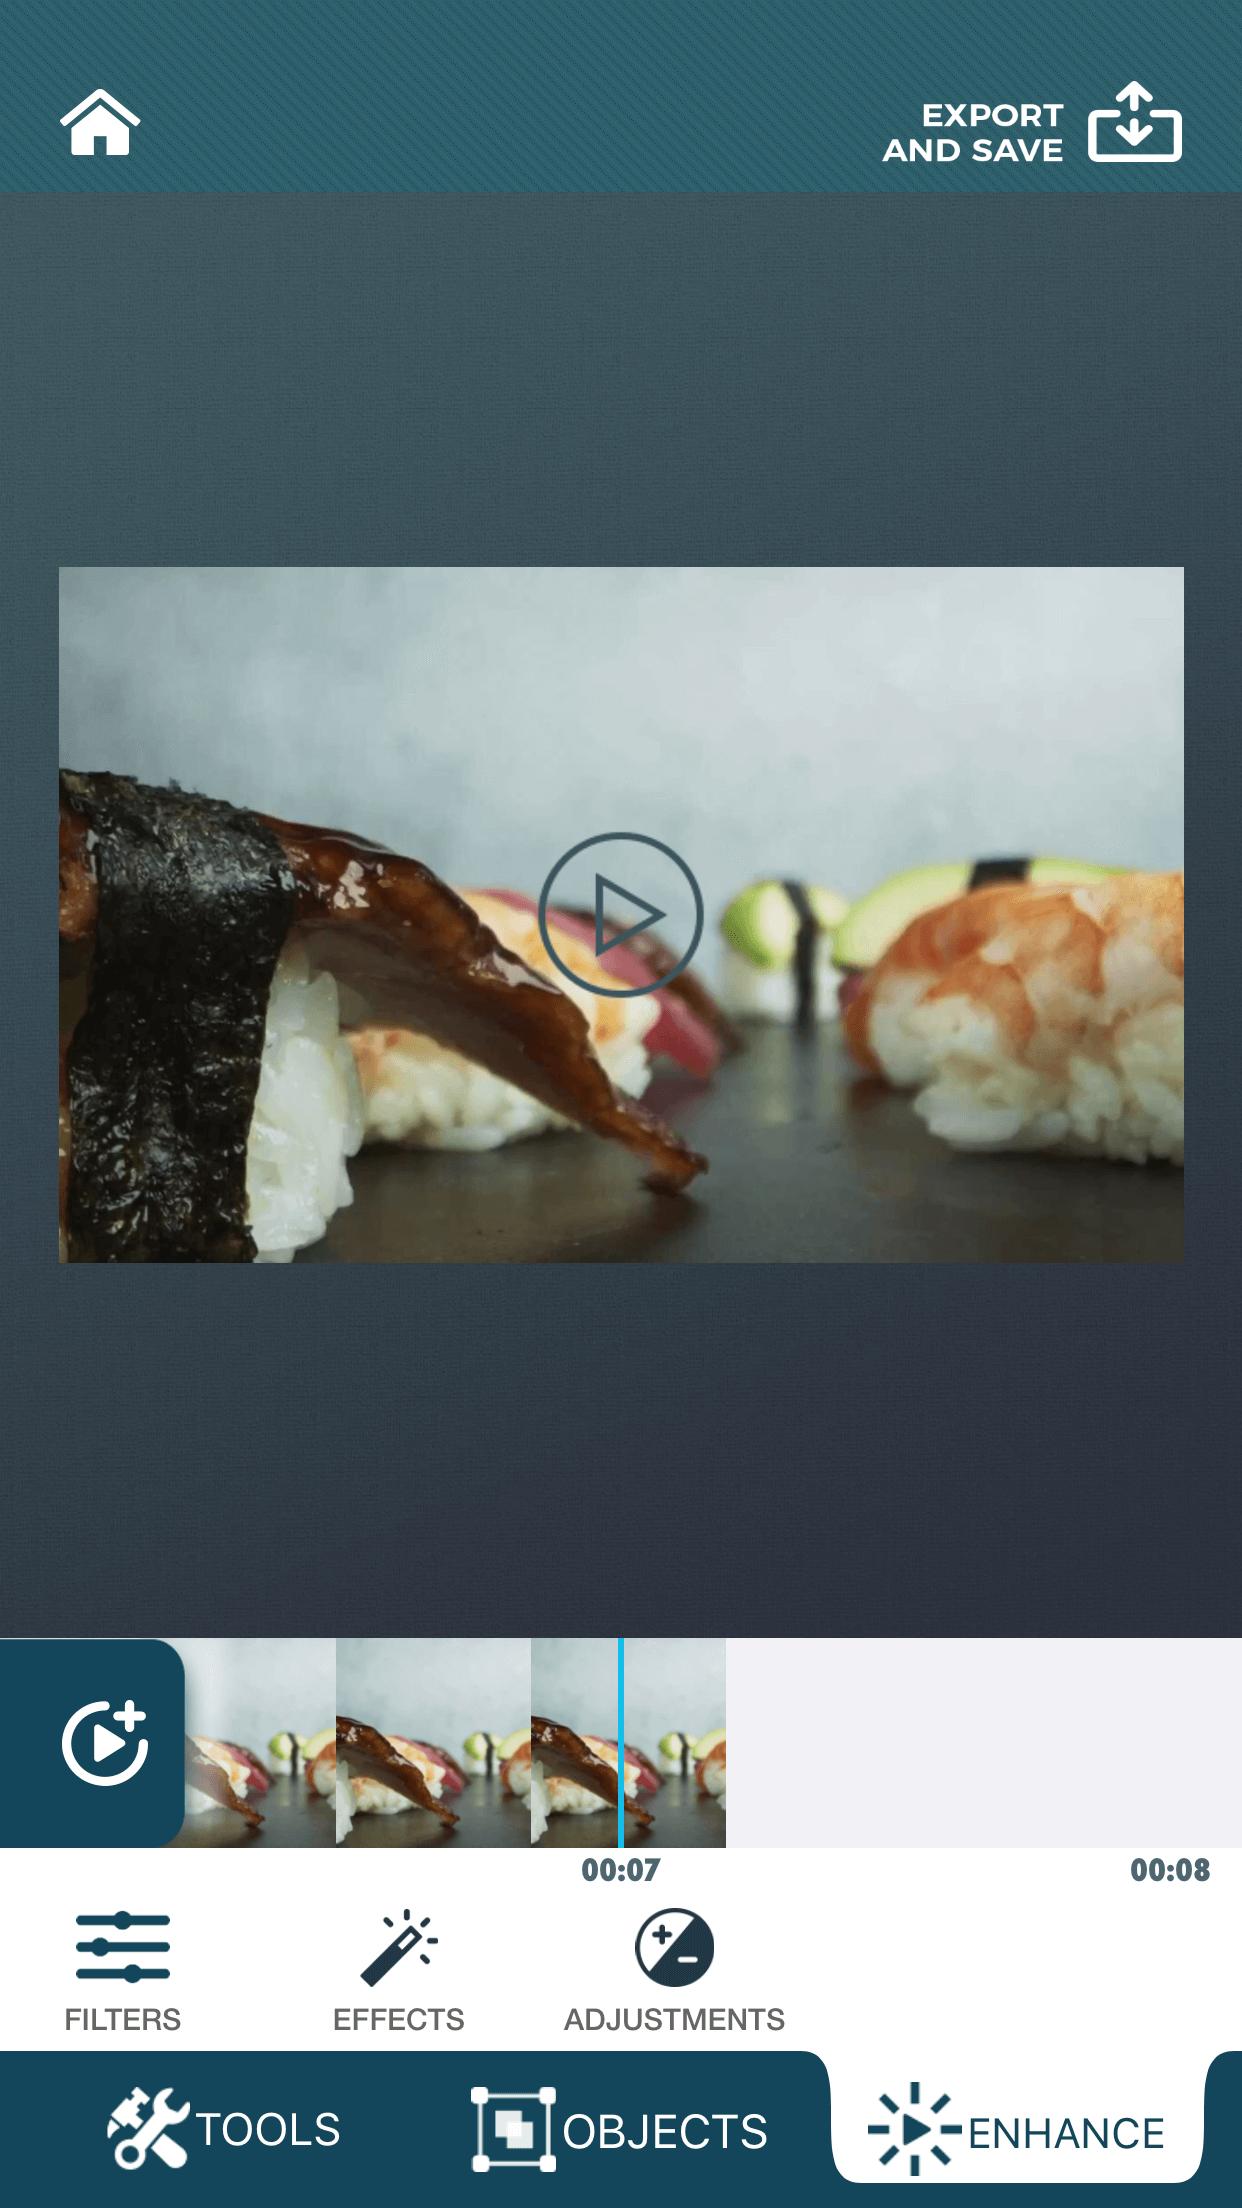 Adjustments tool of zShot app.